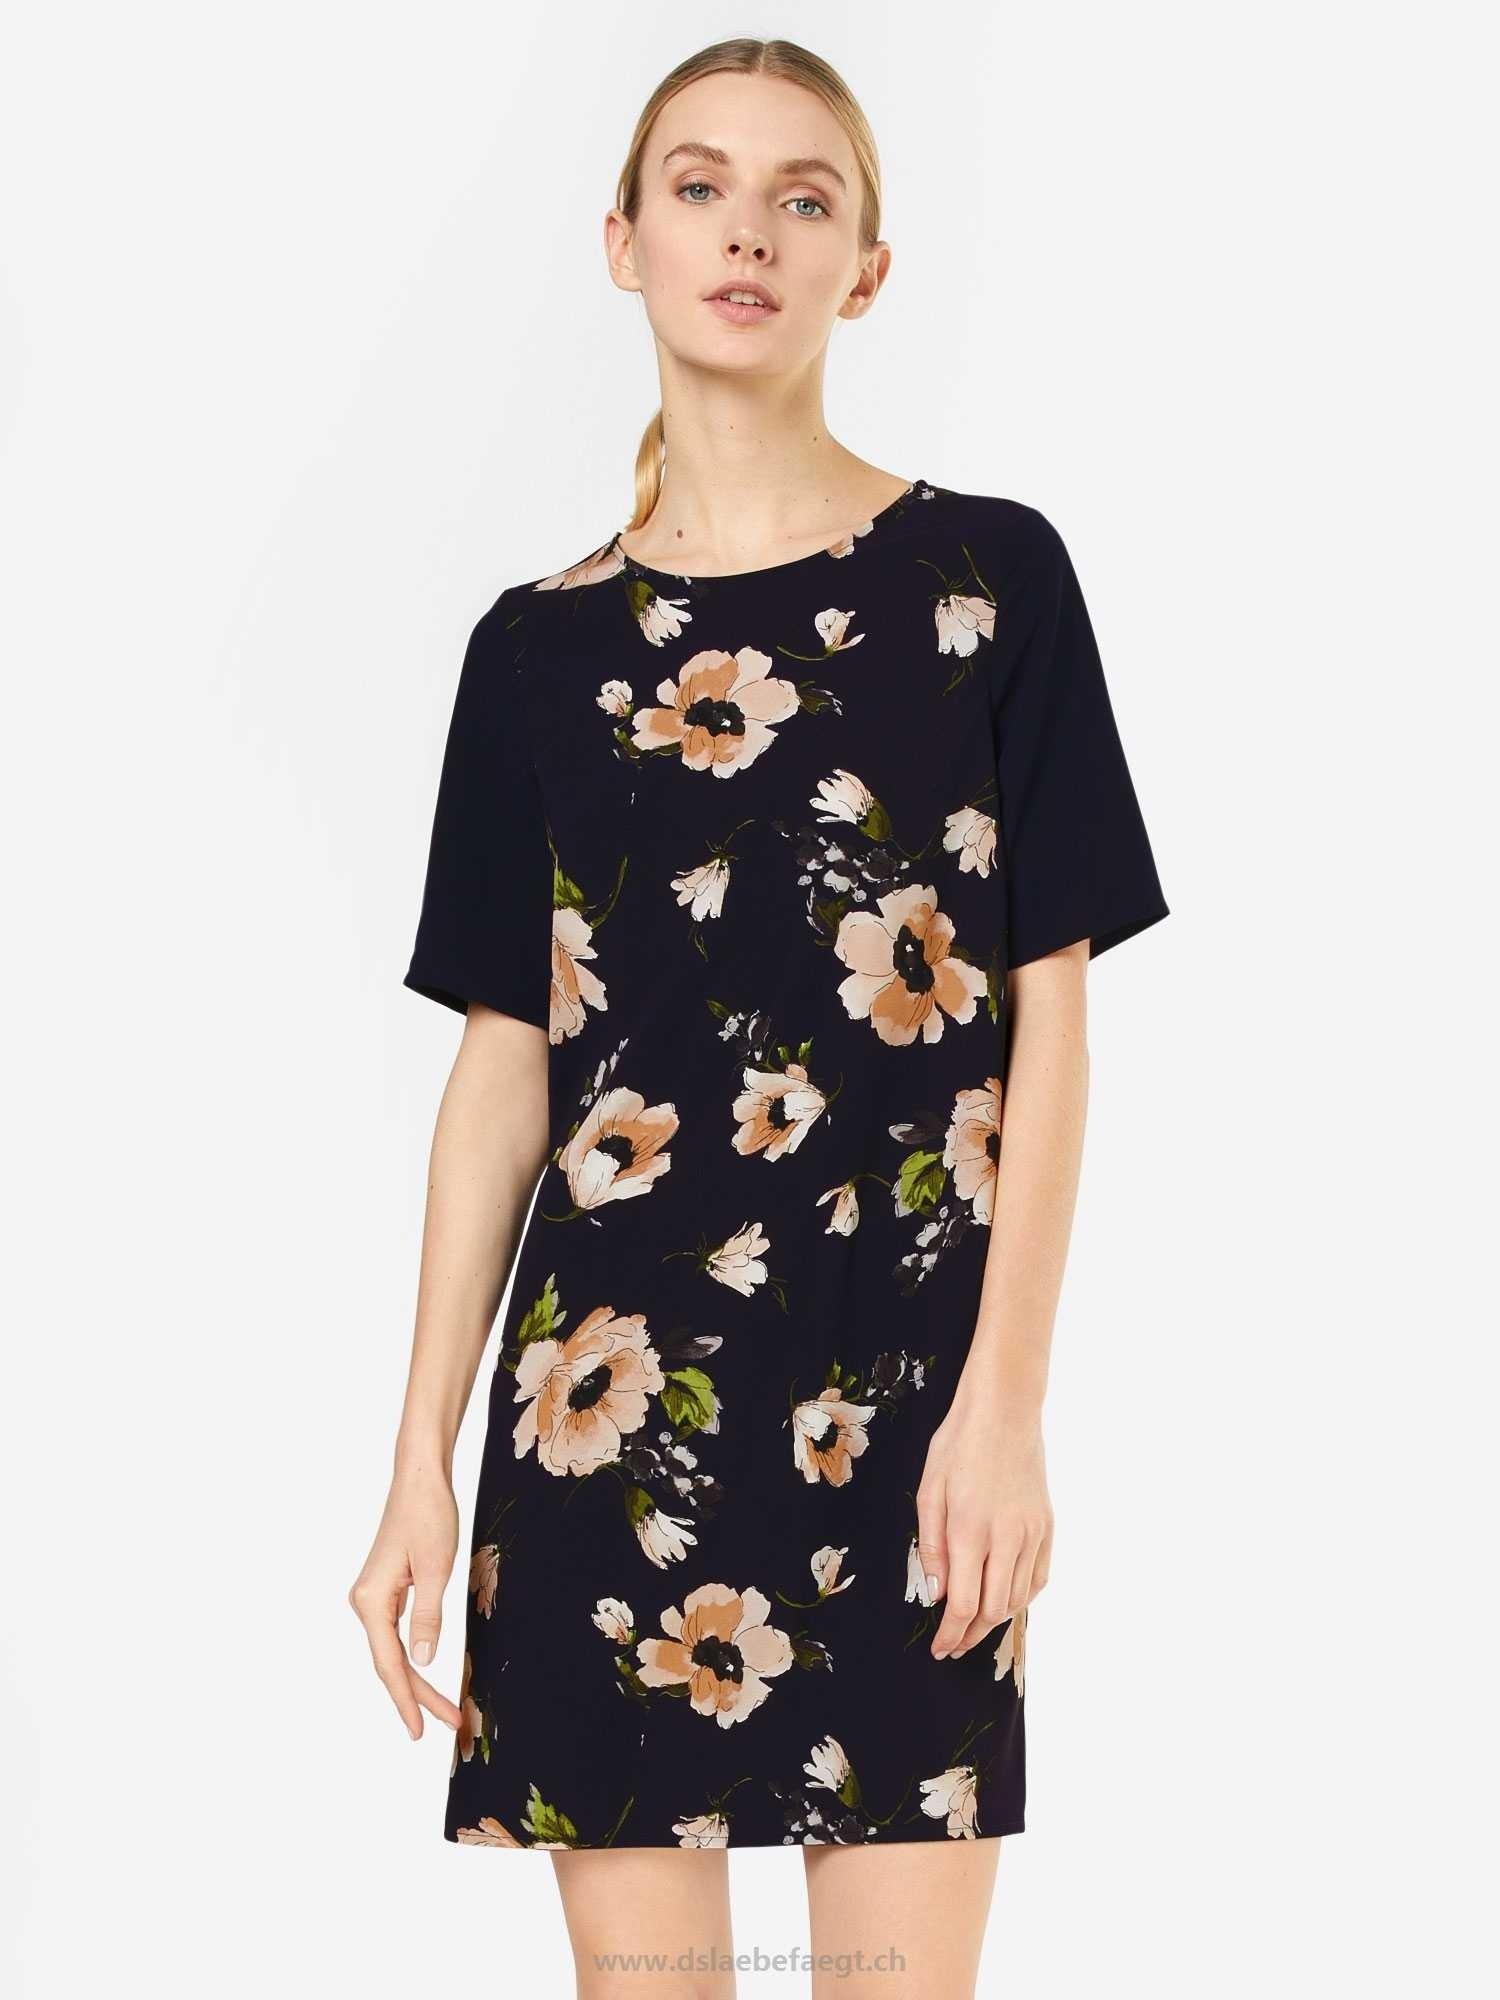 17 Fantastisch Damenkleider Gr 44 BoutiqueAbend Ausgezeichnet Damenkleider Gr 44 Ärmel